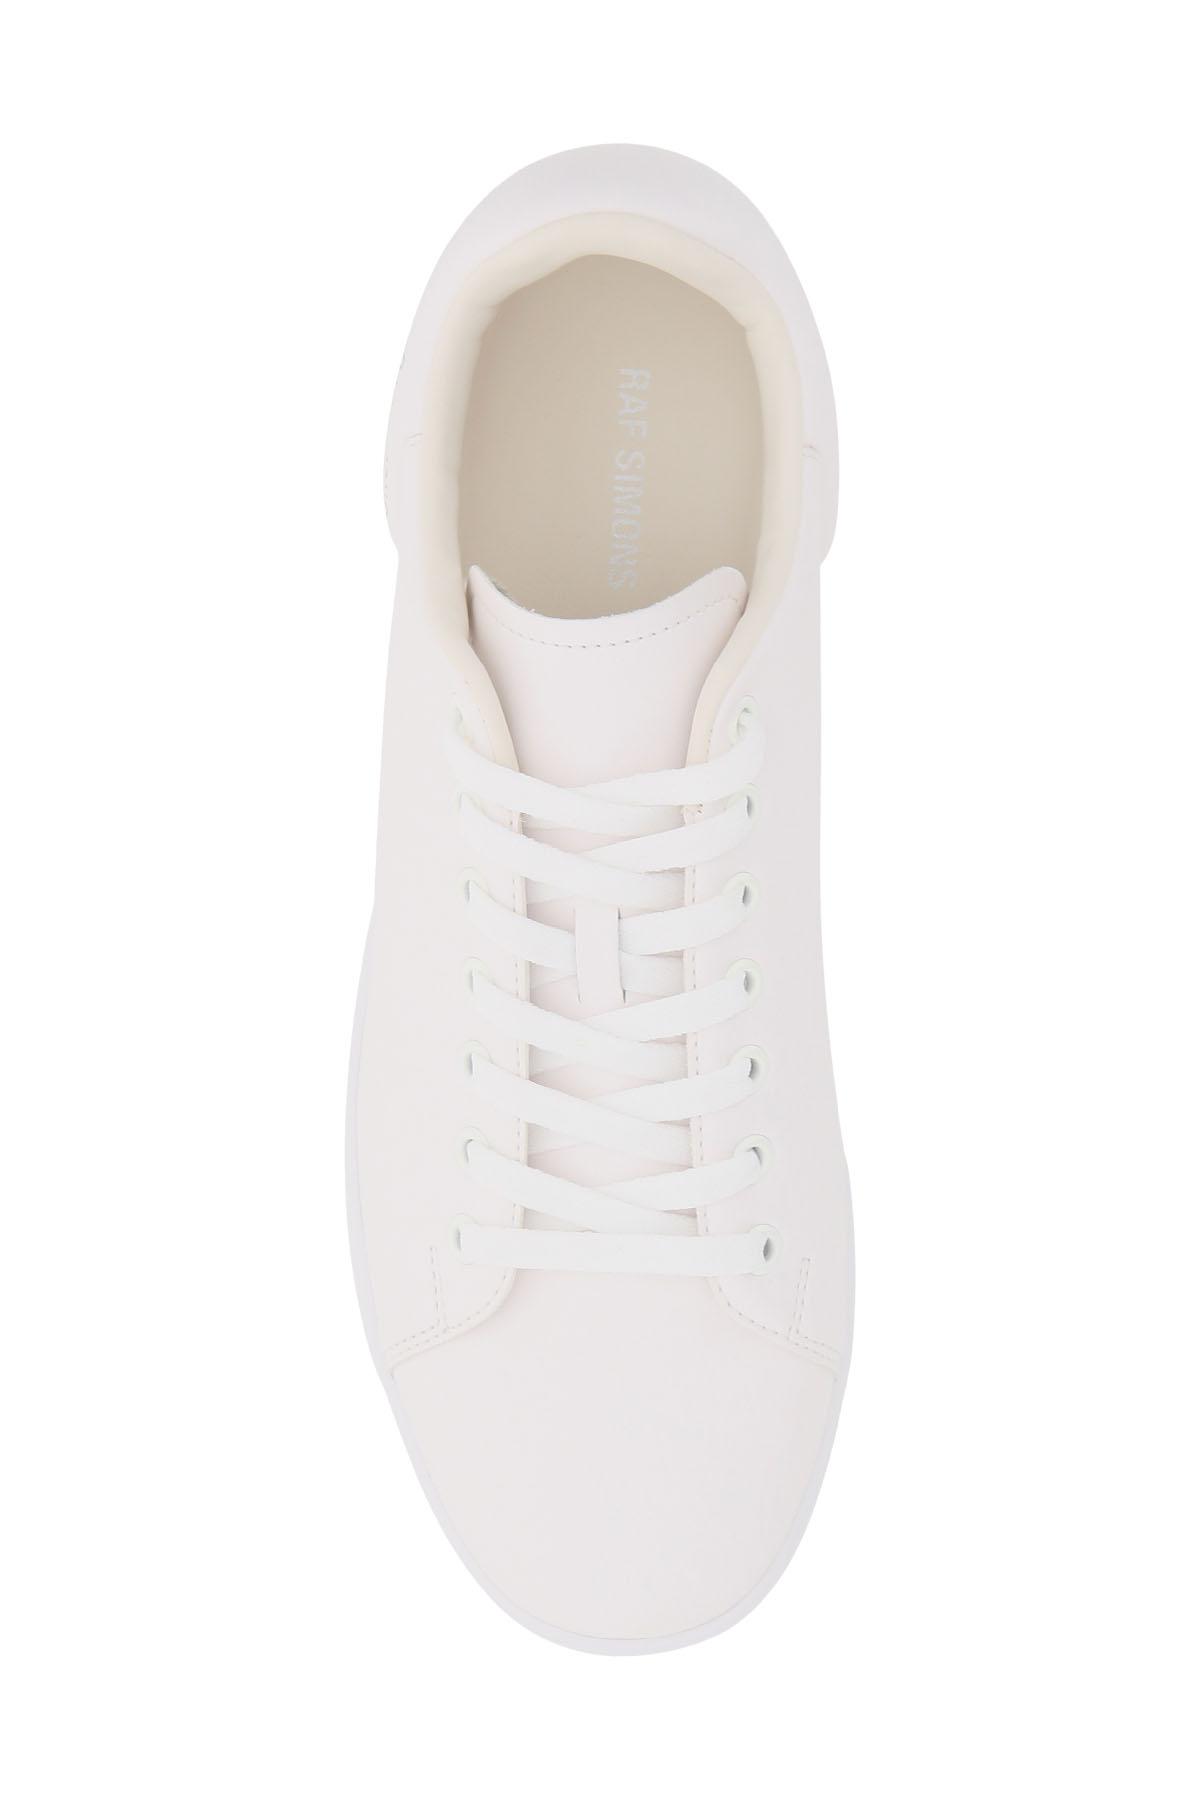 Raf simons sneaker runner in pelle sintetica orion